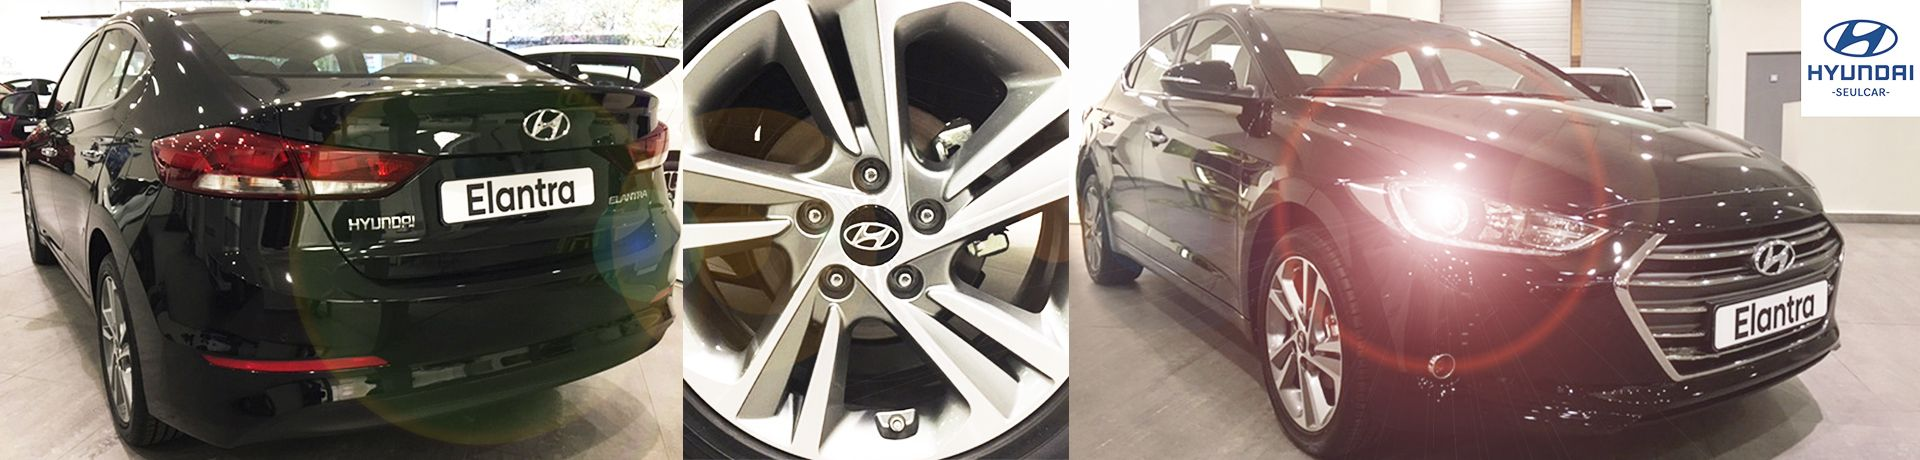 Única unidad disponible: Hyundai Elantra CRDI 1.6 136 CV DT Tecno Full Equipe